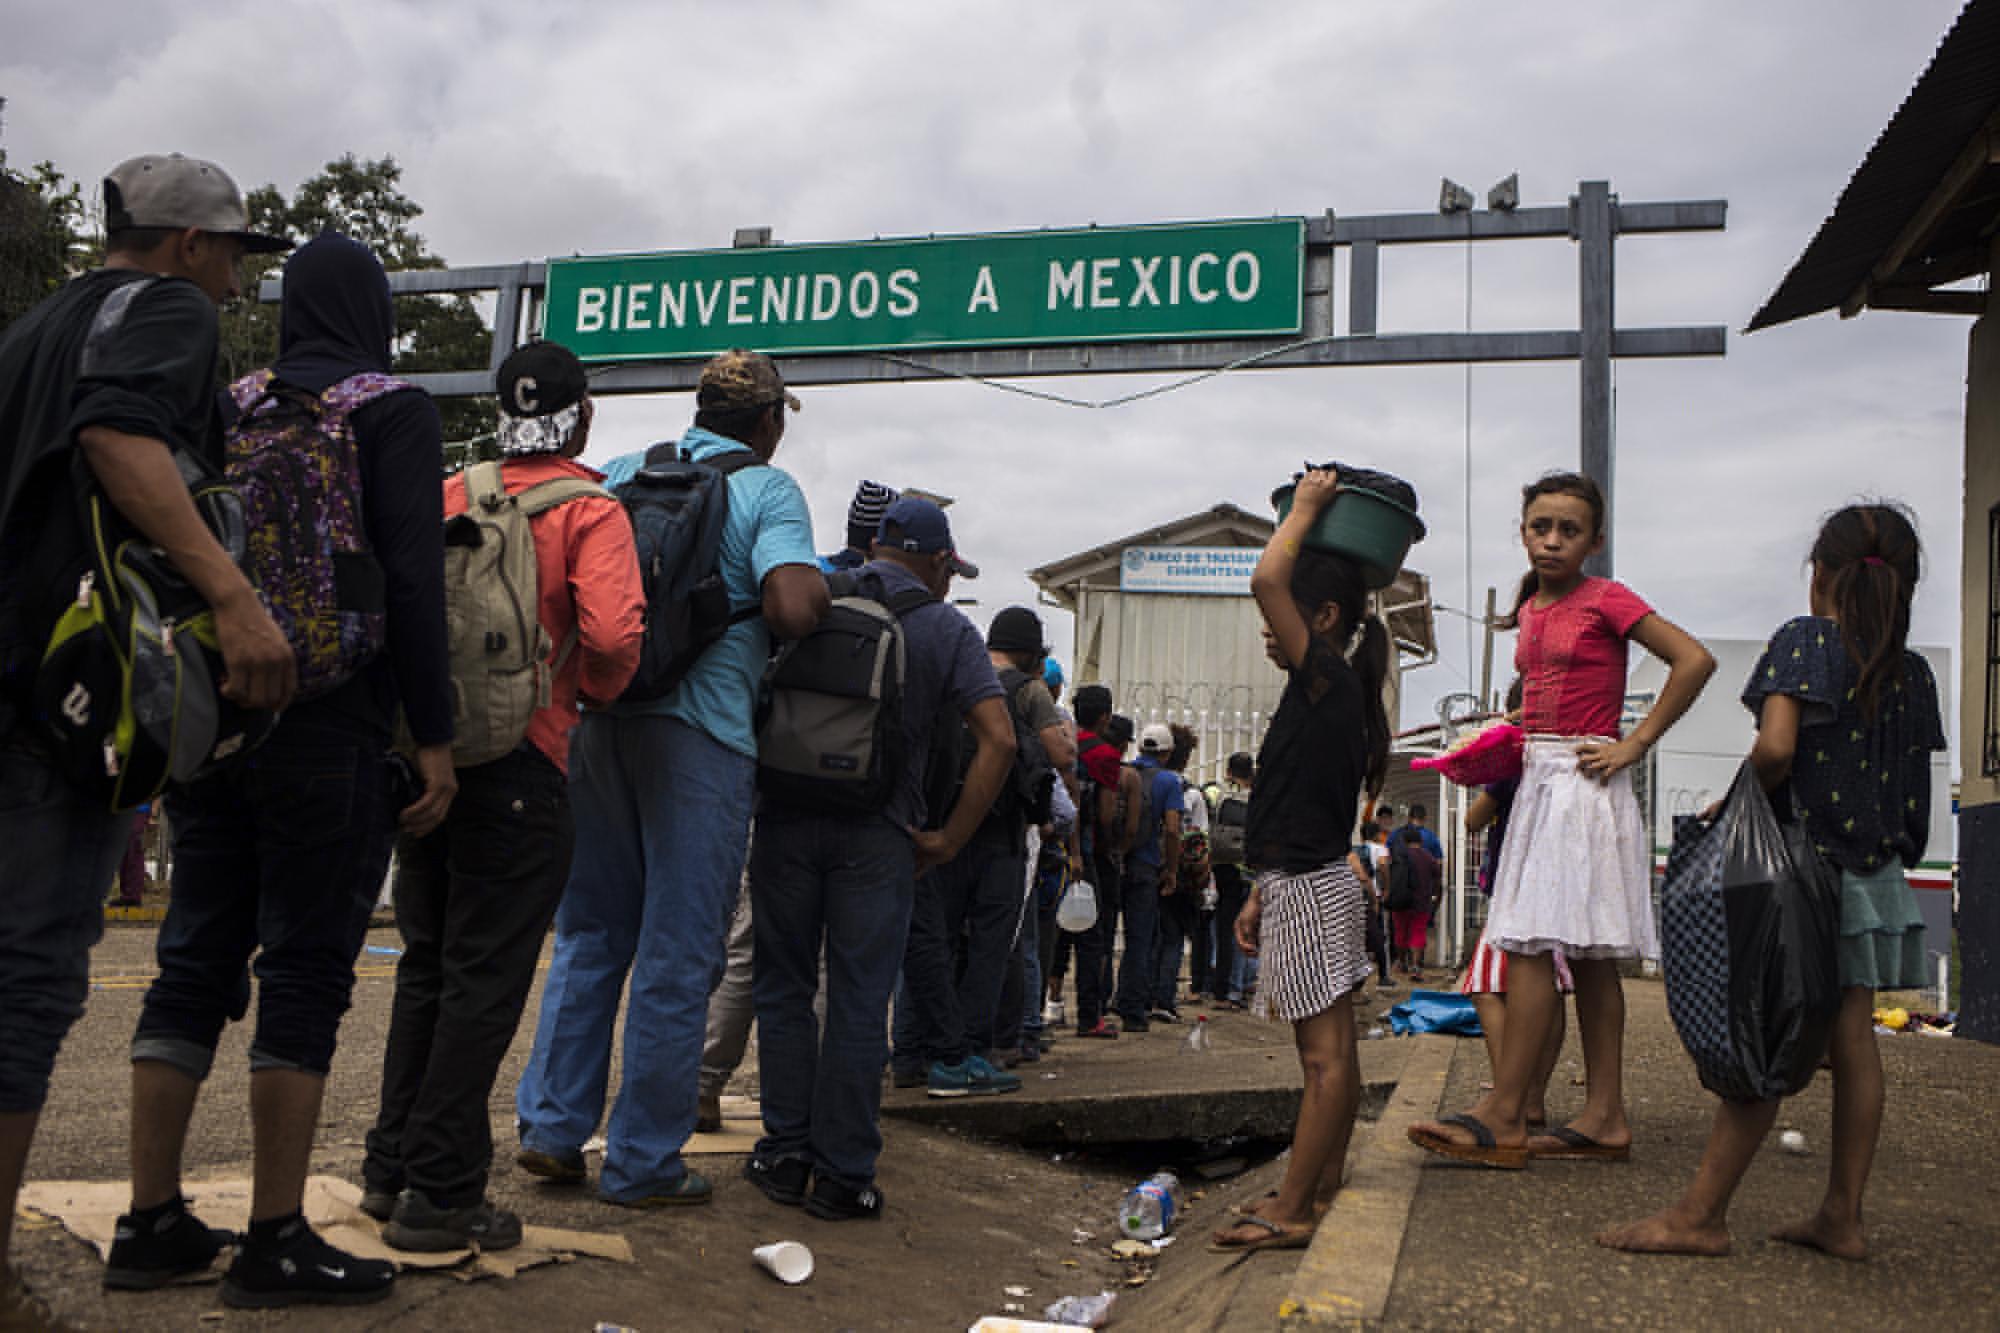 A las 11:57 de la mañana del 19 de enero, el último grupo de migrantes ingresó a las oficinas del paso fronterizo El Ceibo para registrarse. El gobierno de México les prometía trabajo, y llevarlos a un lugar seguro en el estado de Tabasco. Foto: Víctor Peña